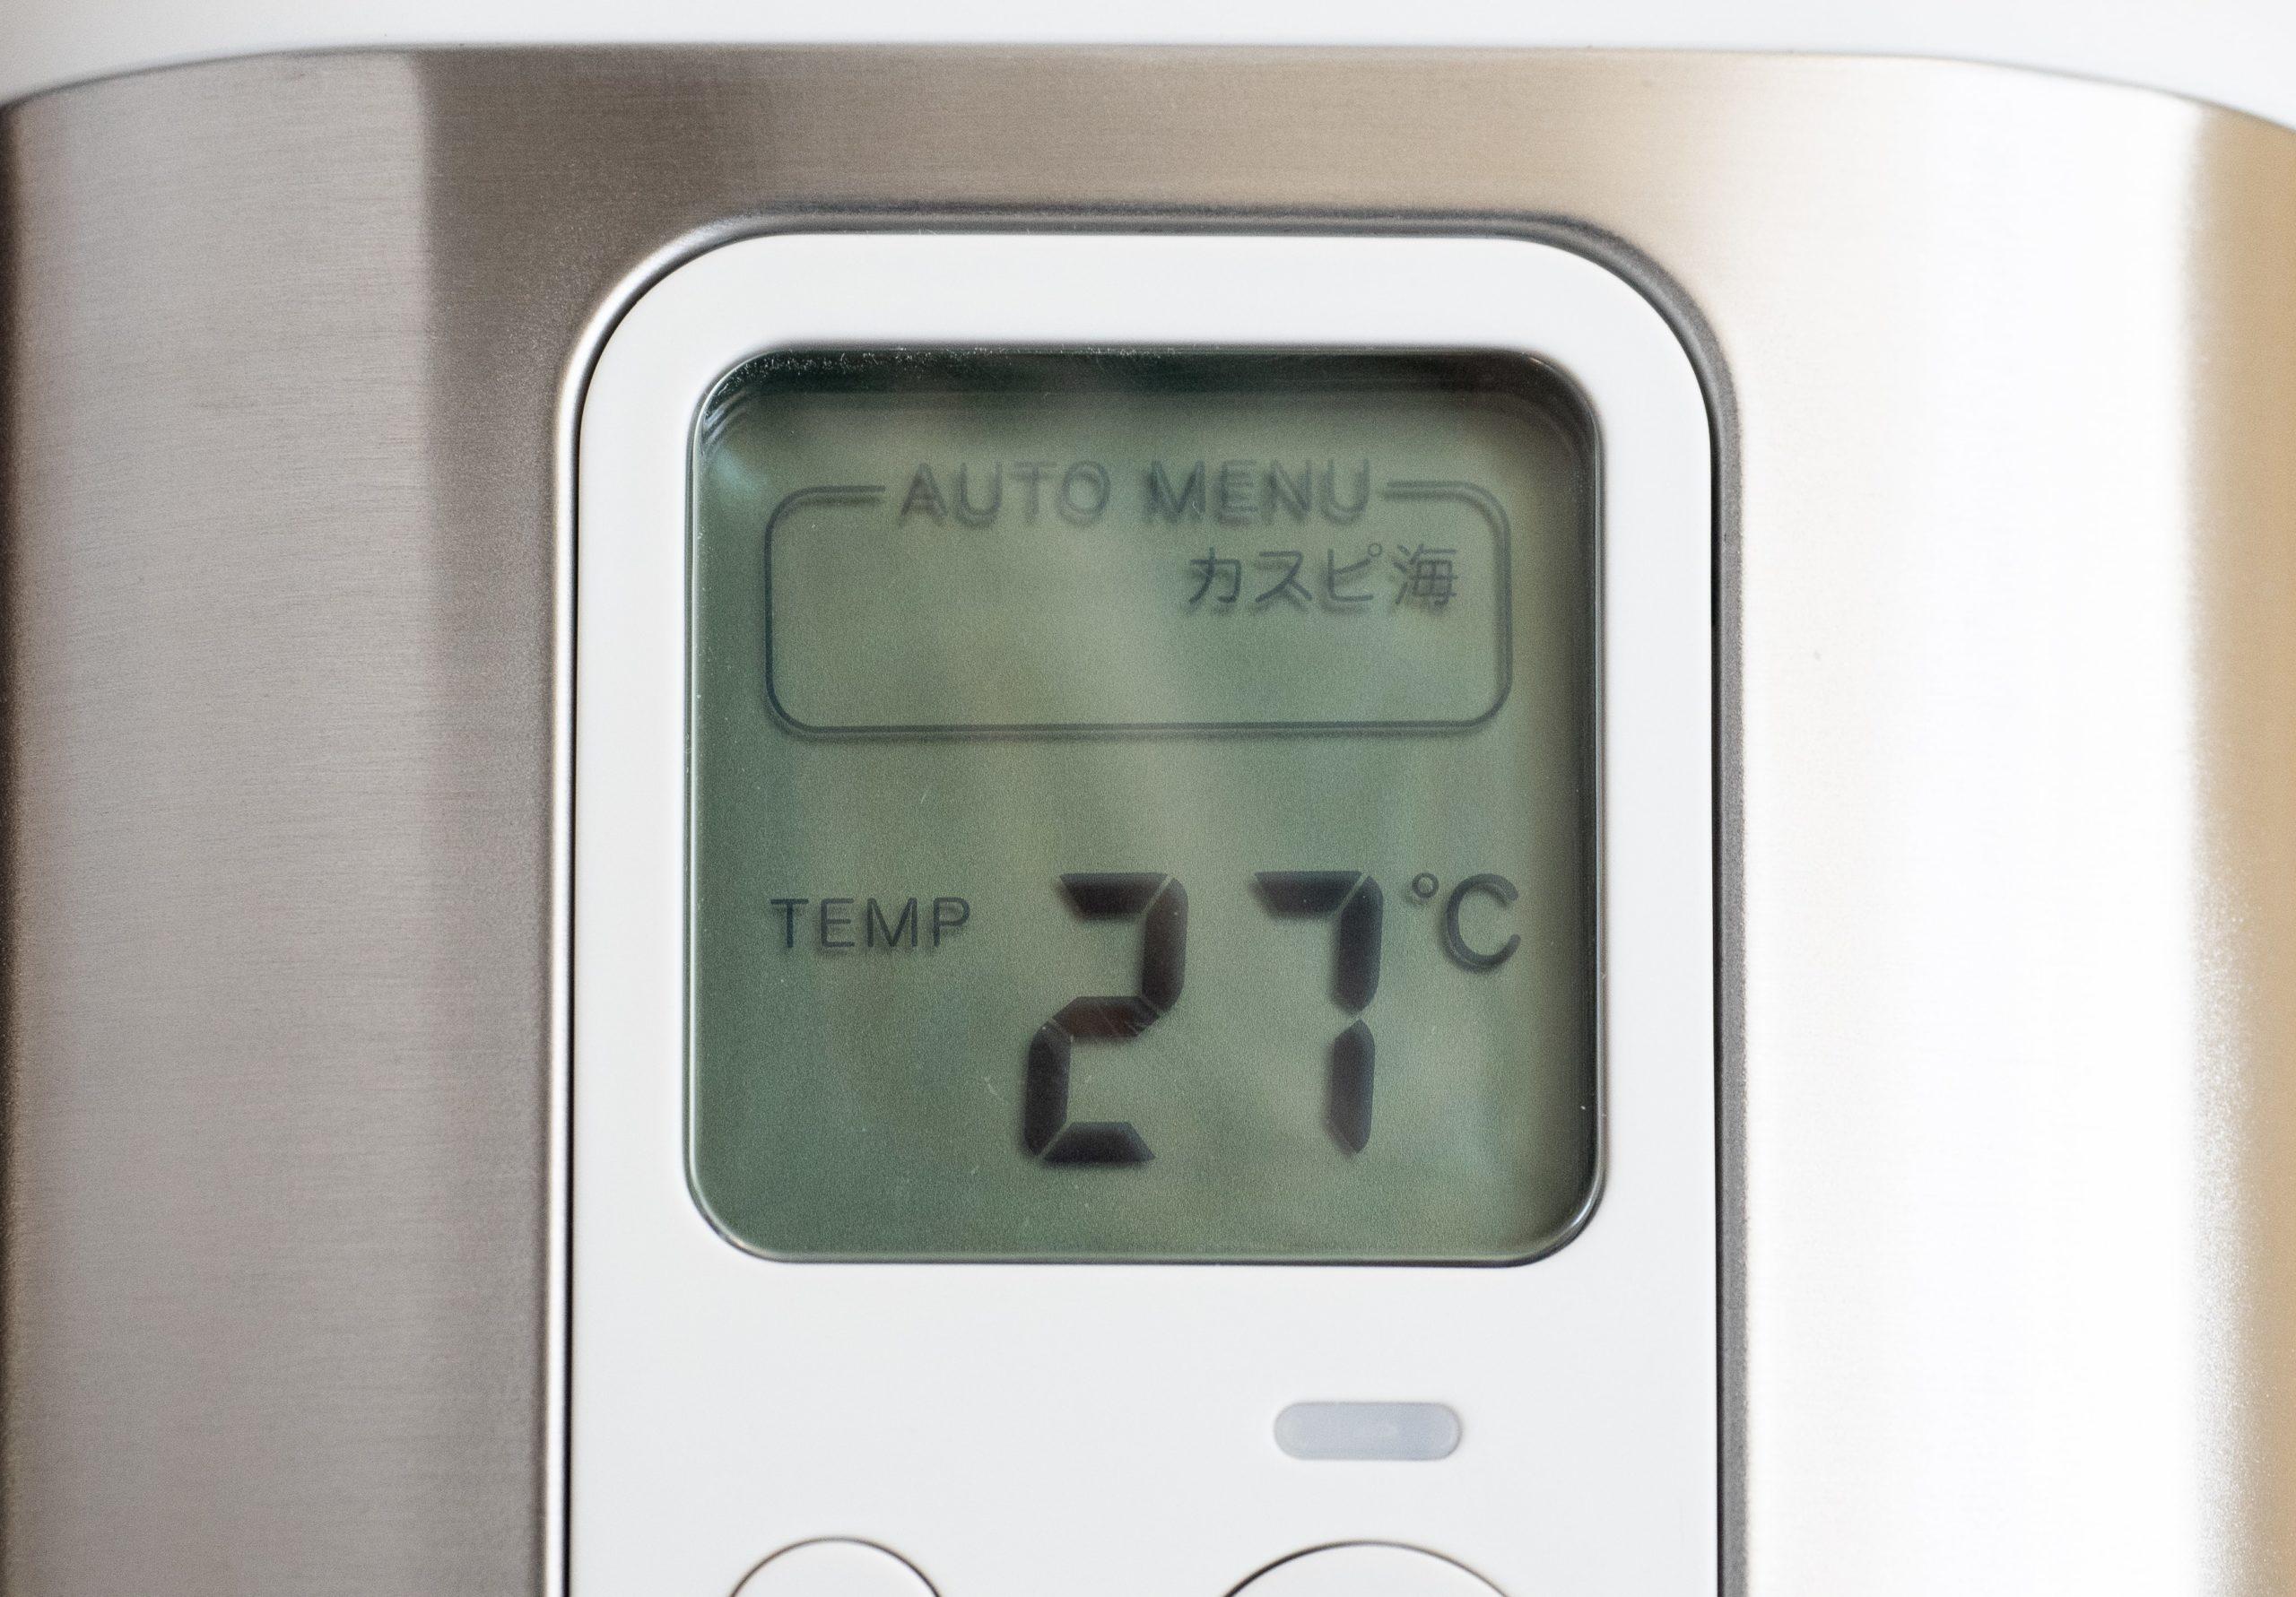 カスピ海ヨーグルト27℃